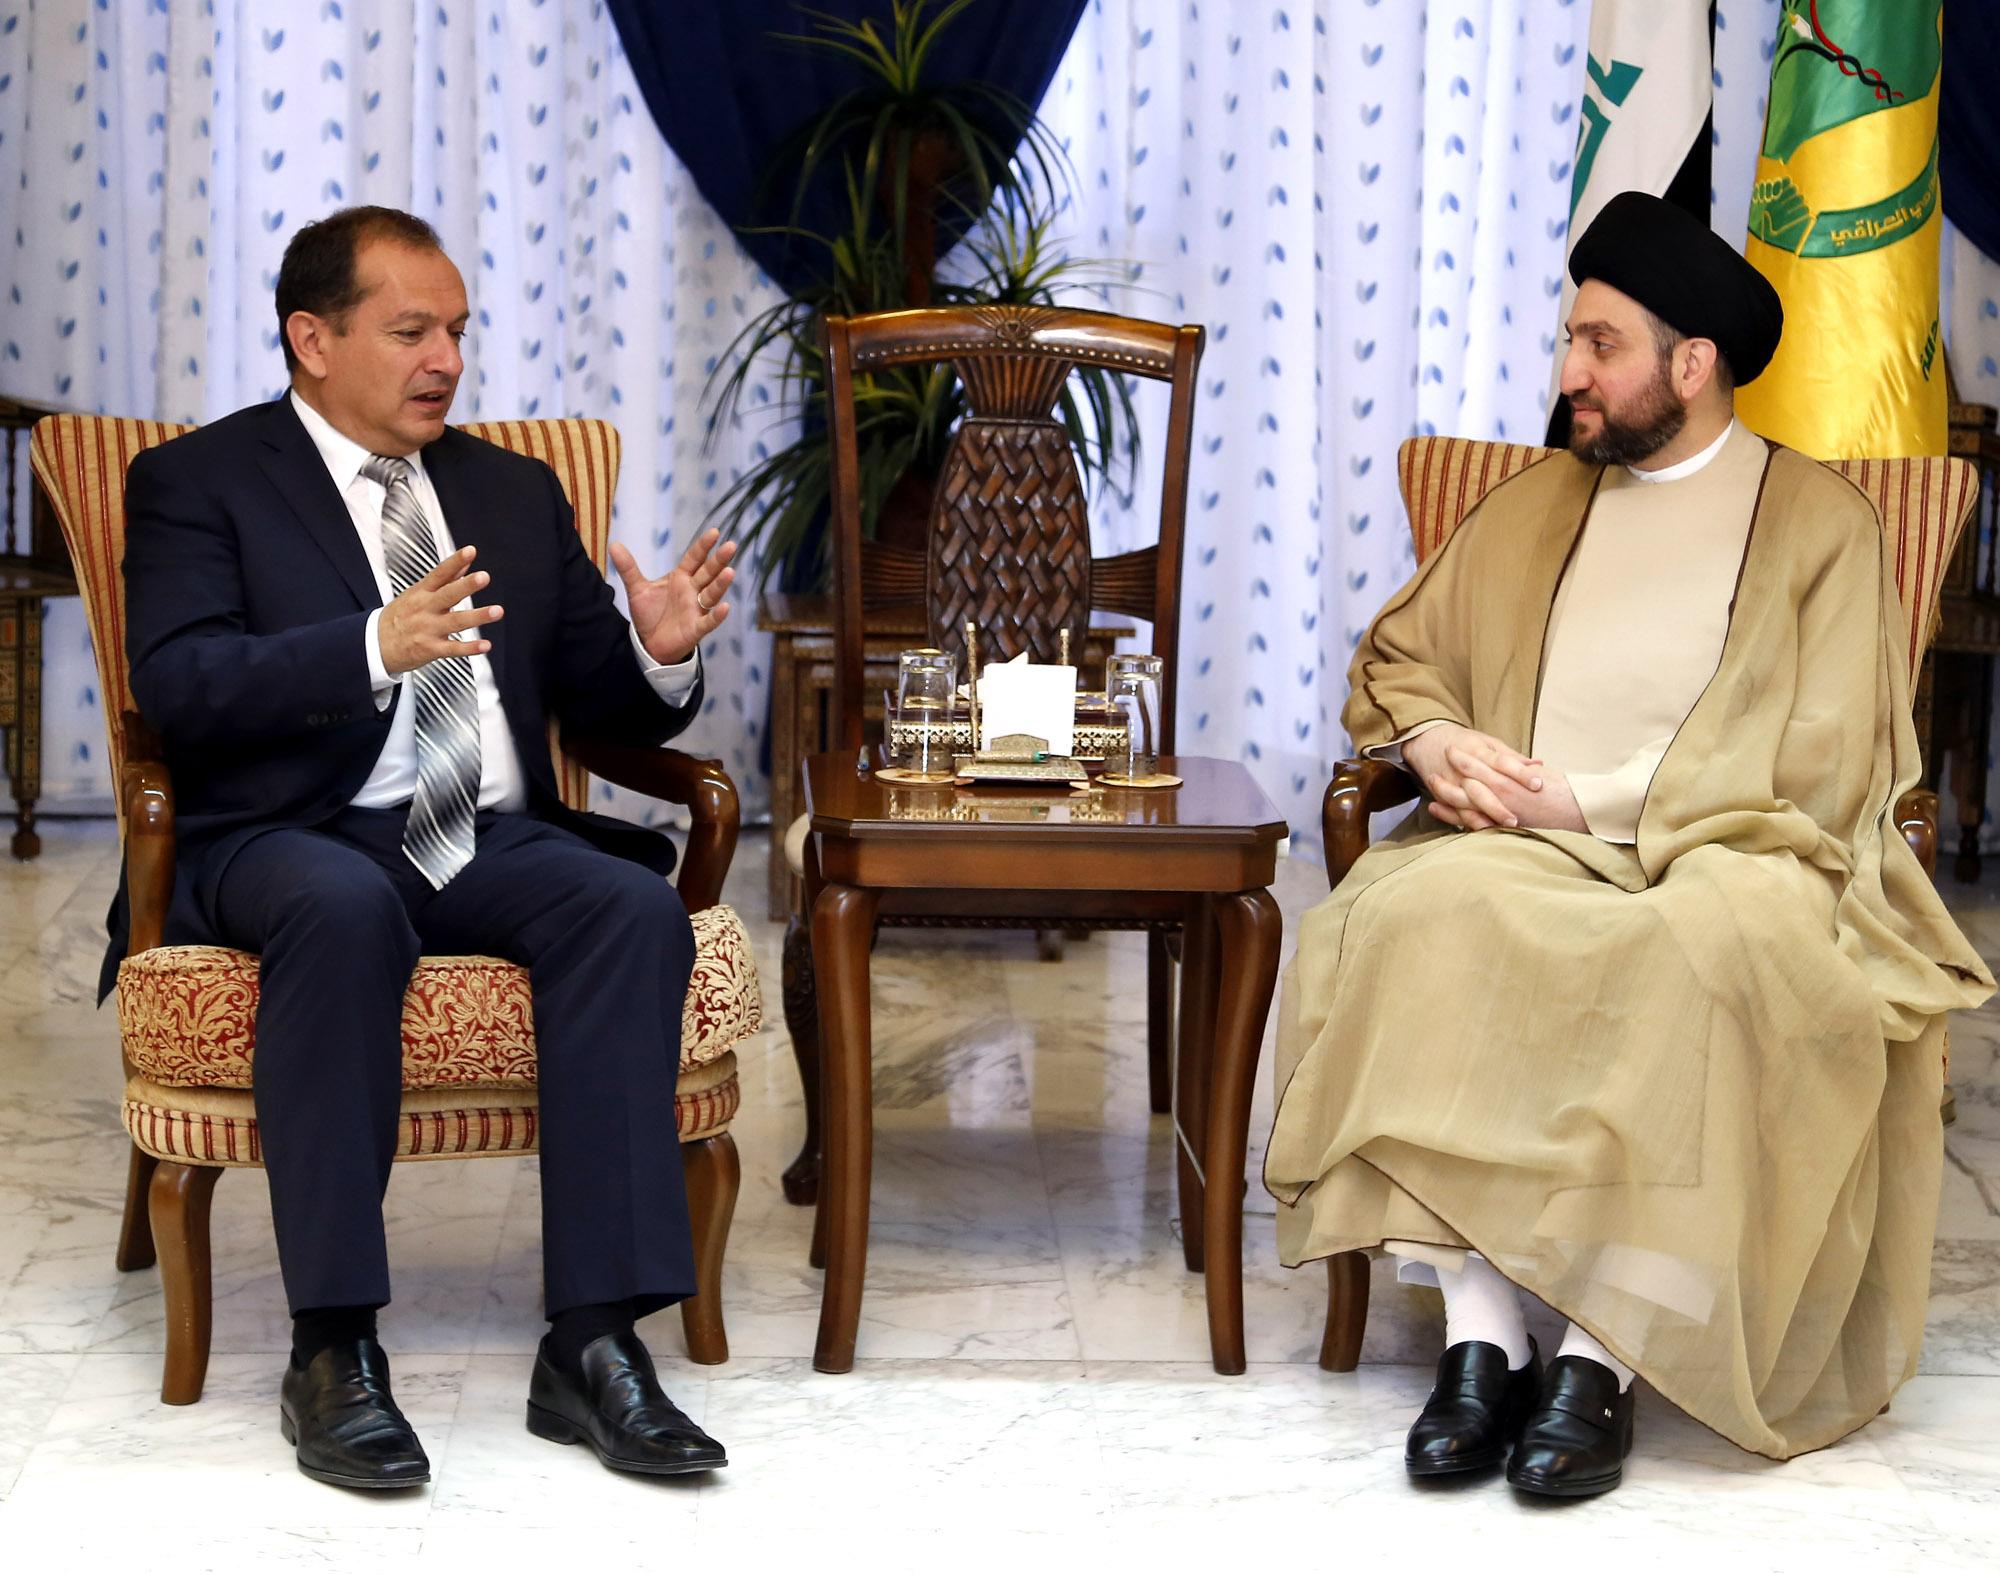 الحكيم والسفير البريطاني يبحثان العلاقات الثنائية بين البلدين